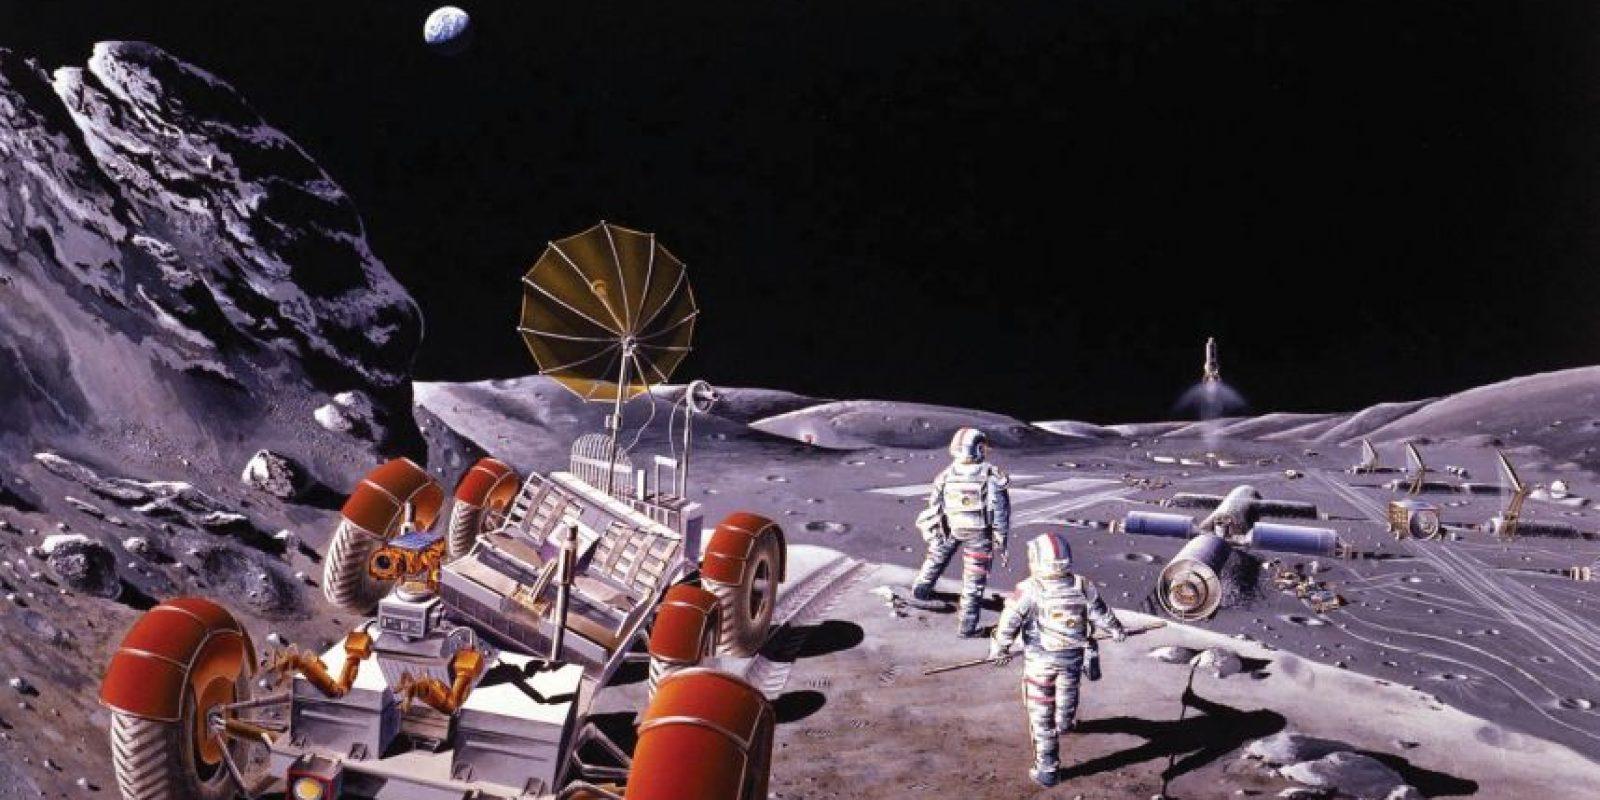 Llevar de nuevo un hombre a la Luna costaría relativamente poco: unos mil millones, según un estudio reciente Foto:Wikipedia Commons